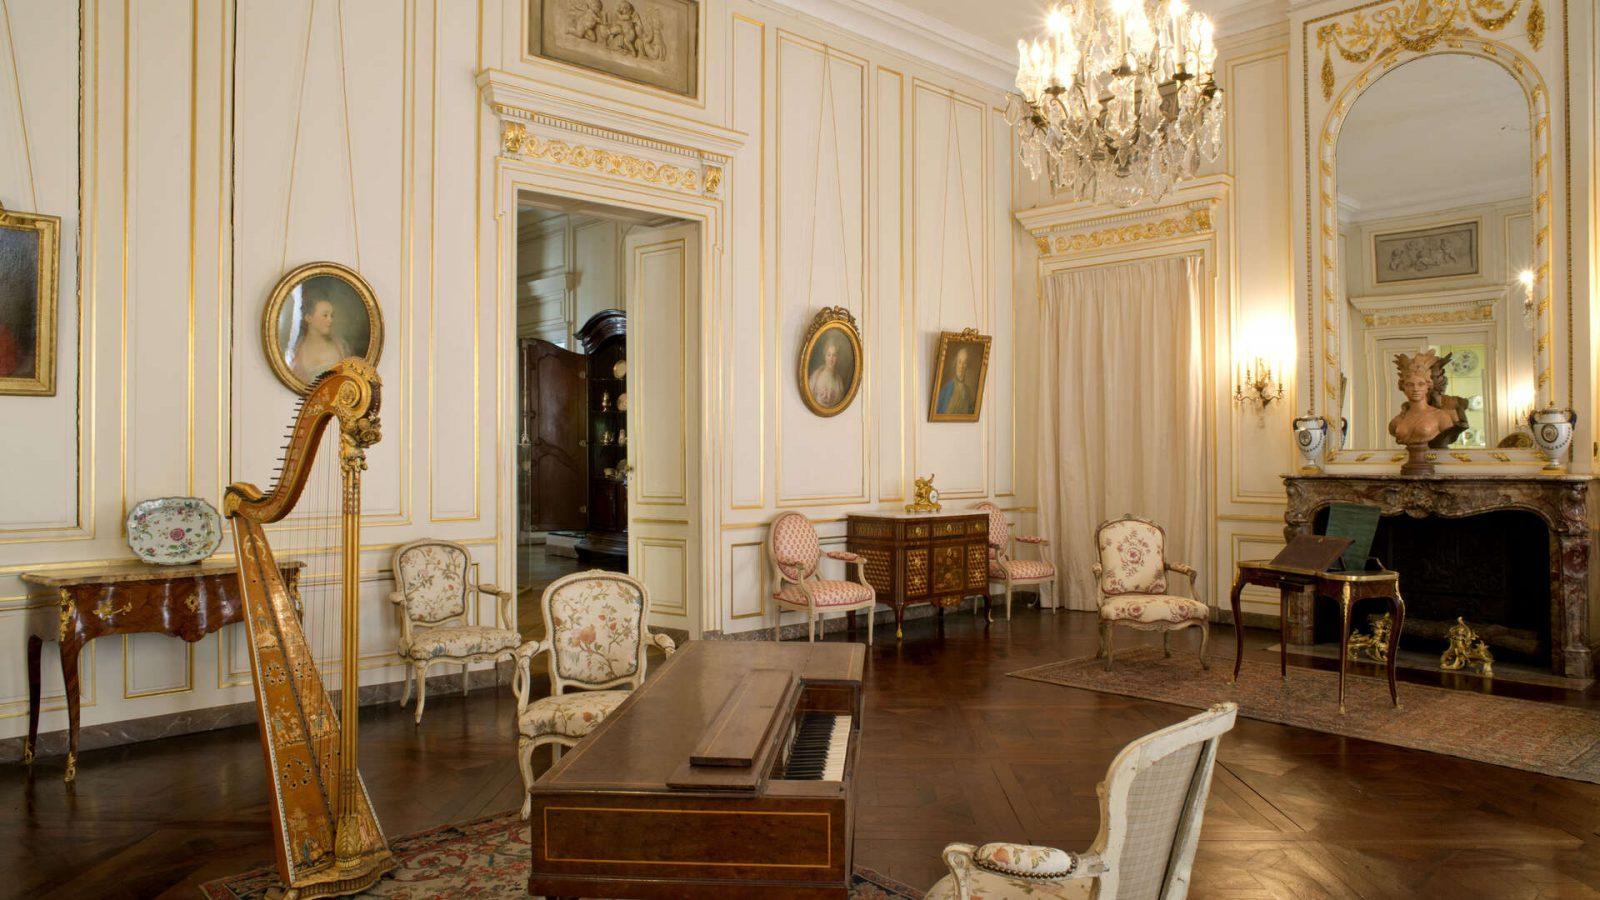 Musee-des-Arts-Decoratifs-et-du-Design-Salon-de-Compagnie